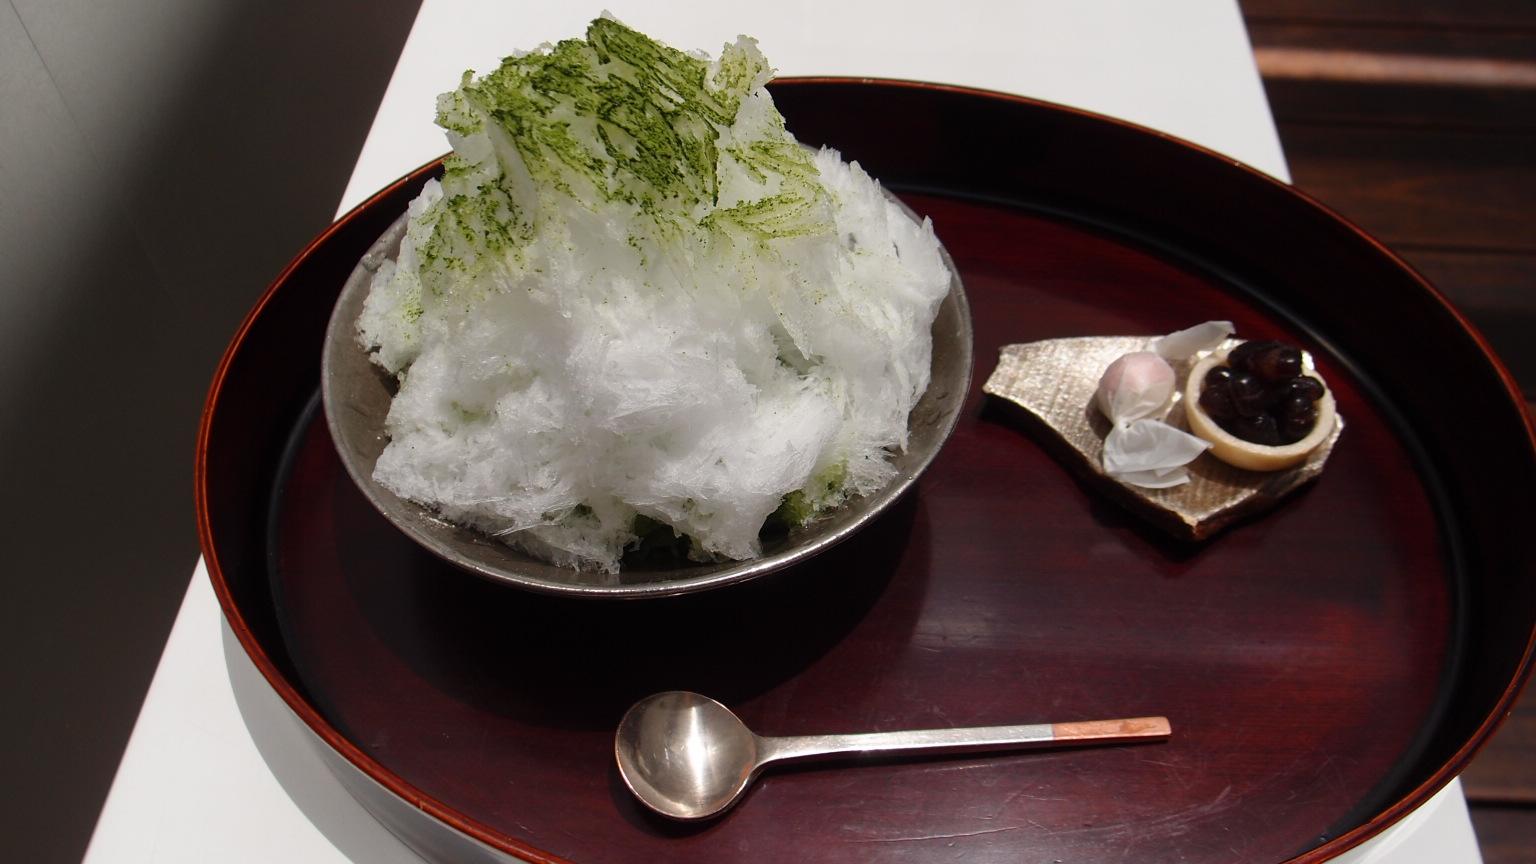 銀座 うおがし銘茶 茶・銀座 濃茶かき氷